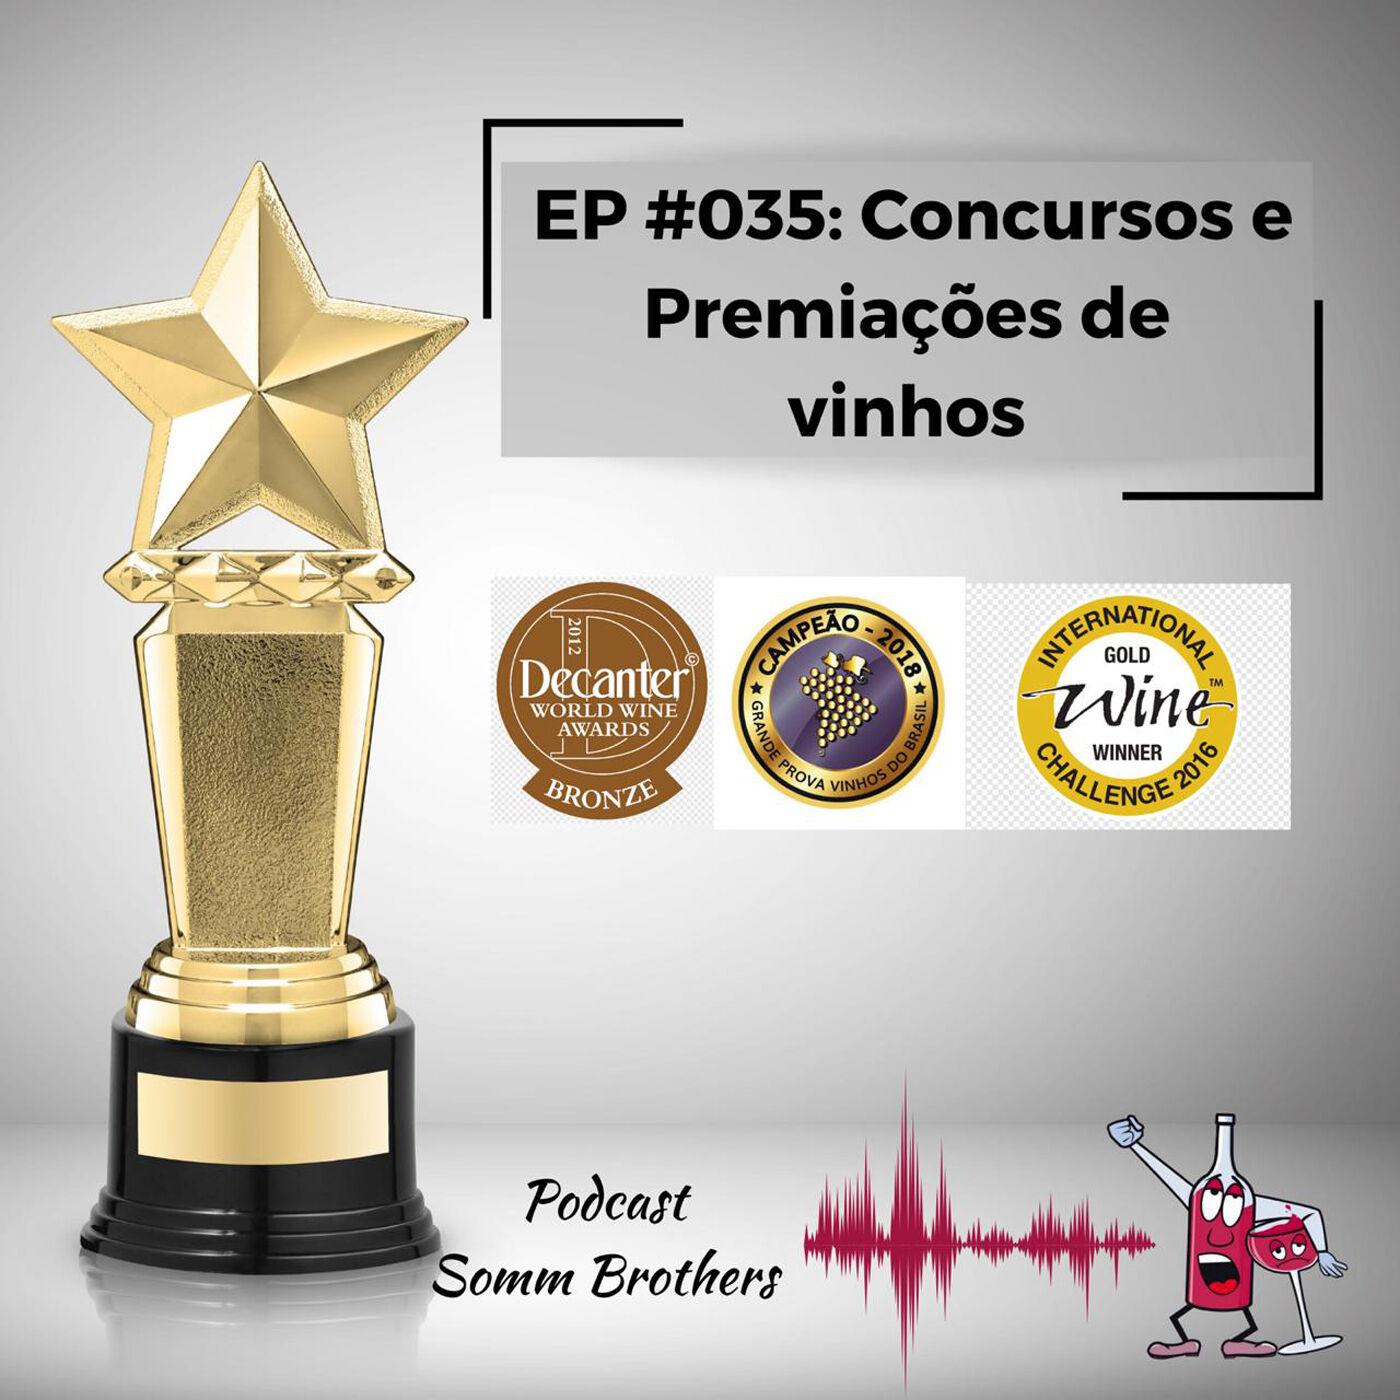 EP #035 - Concursos e Premiações